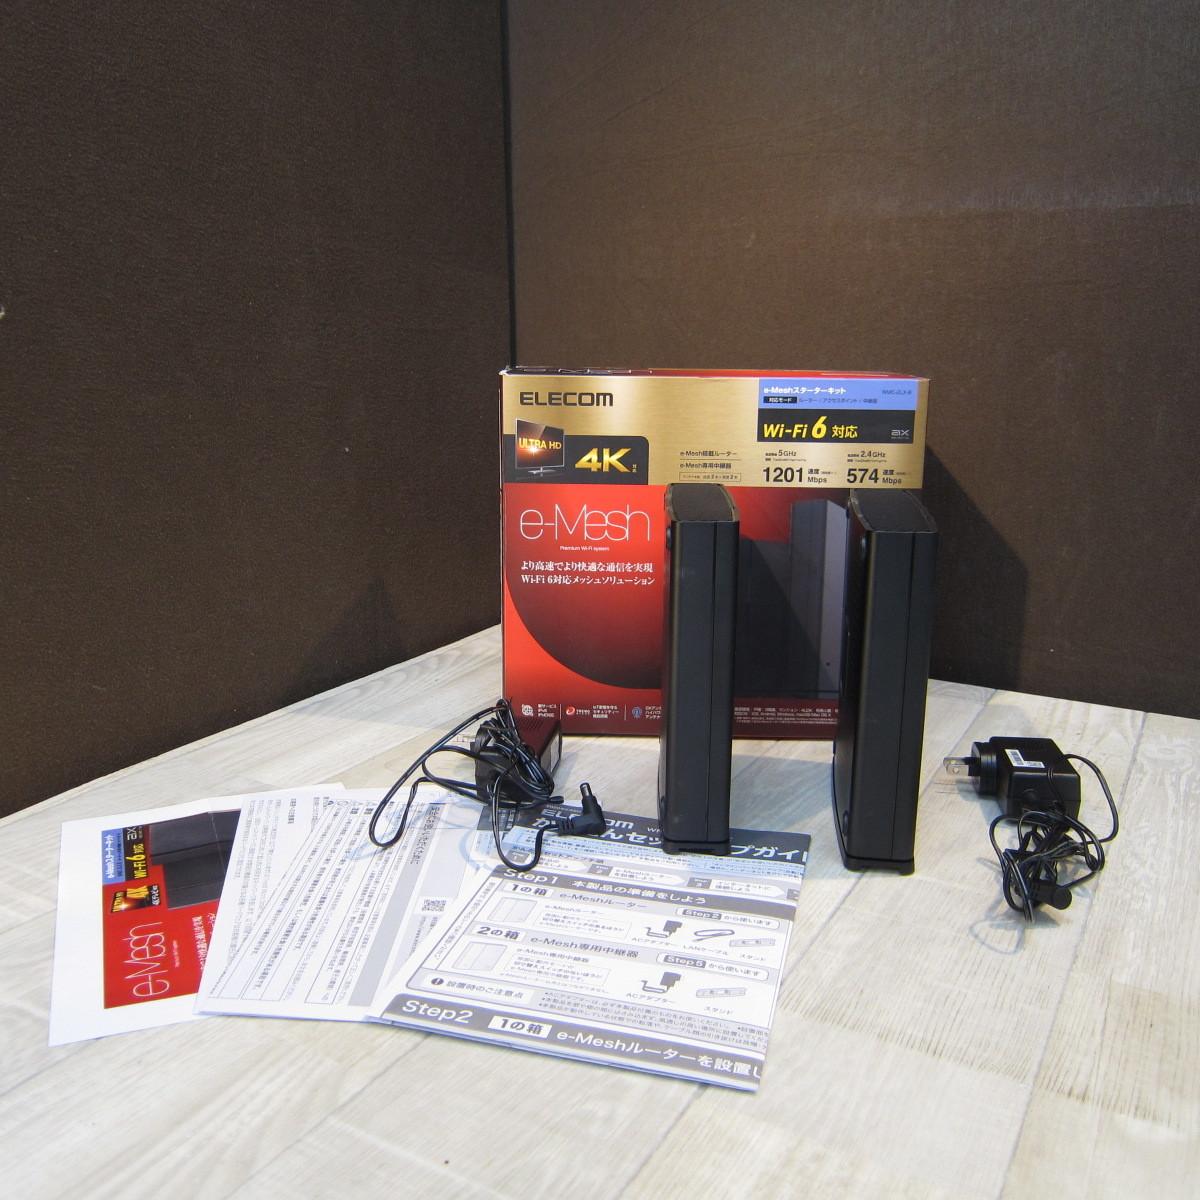 S0622【未使用】エレコム メッシュ WiFiルーター 無線LAN 親機+中継器セット WiFi6 11ax 1201+574Mbps IPv6(IPoE)対応 有線ギガ WMC-2LX-B